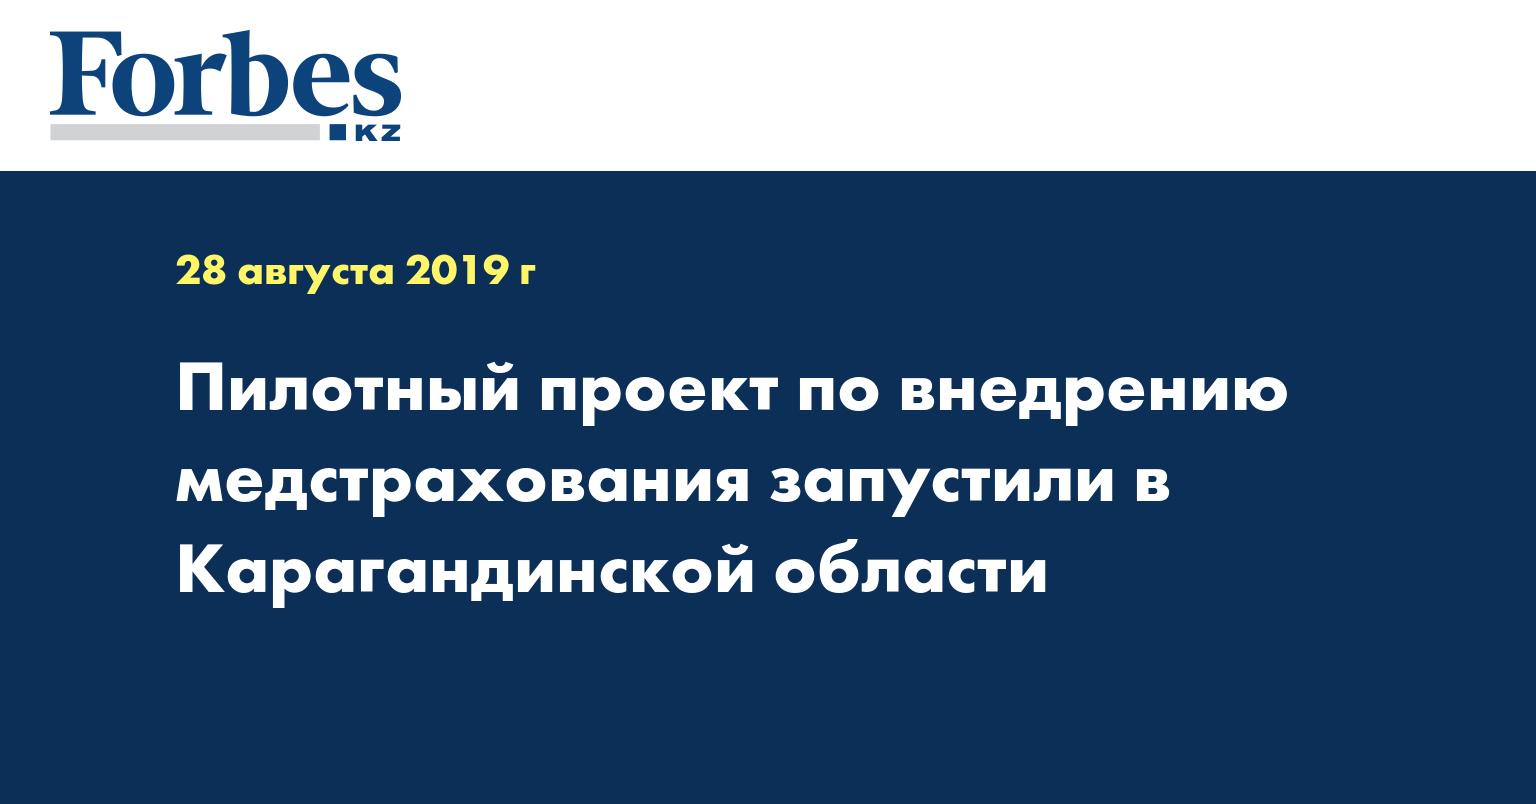 Пилотный проект по внедрению медстрахования запустили в Карагандинской области